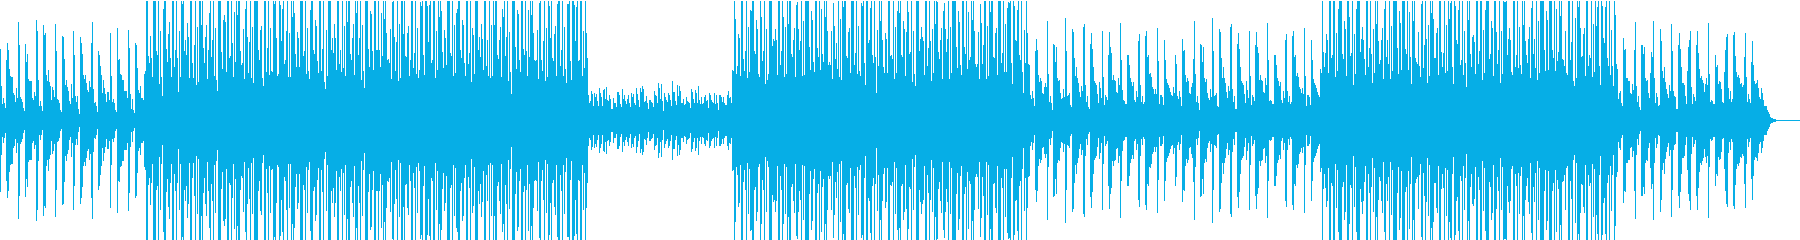 哀愁のある切ないHIPHOPトラックの再生済みの波形